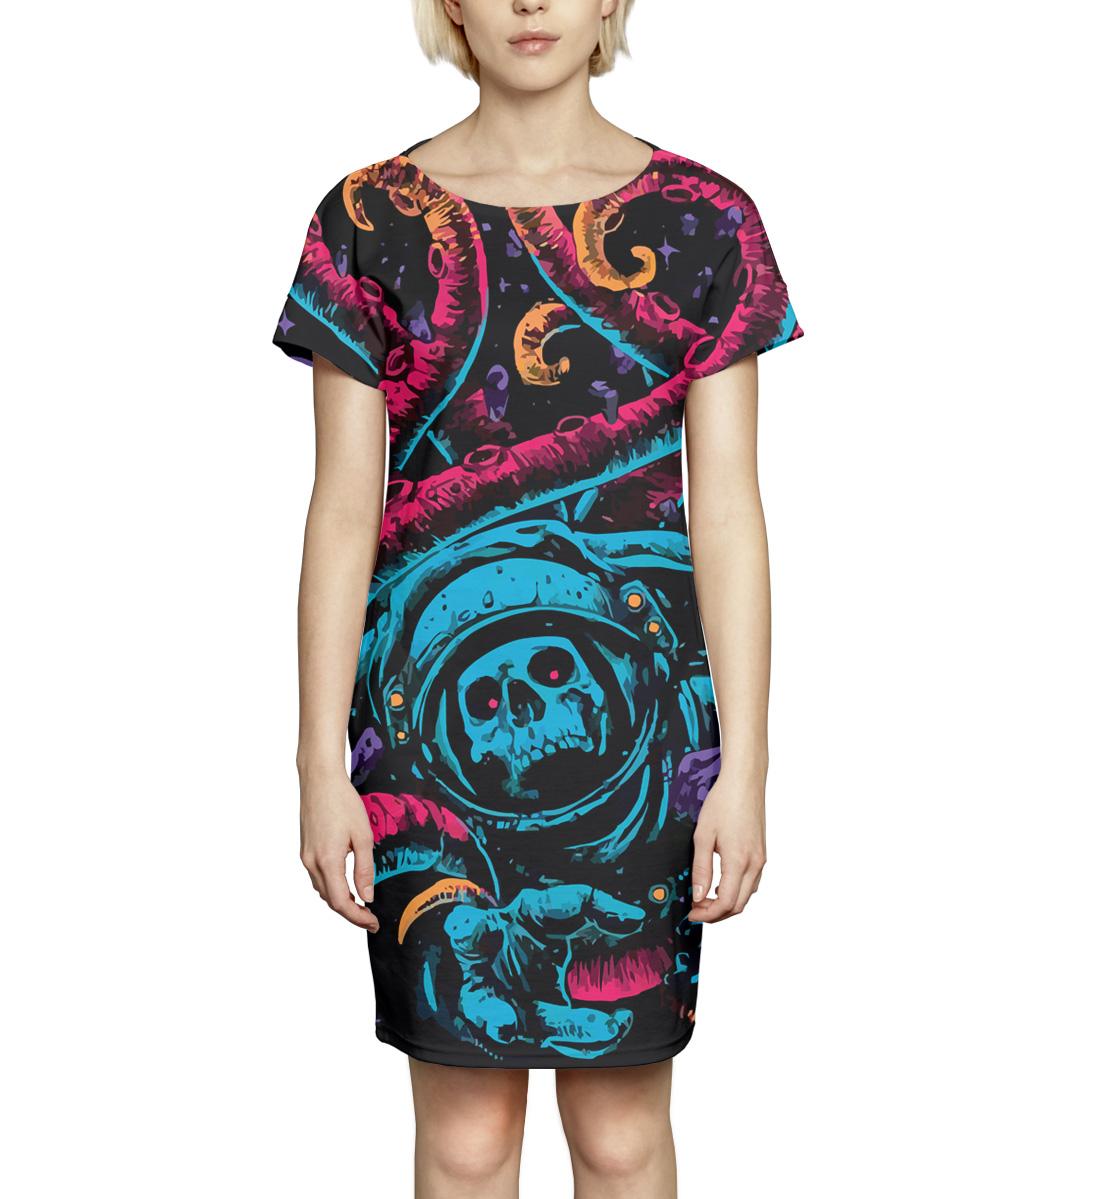 Купить Космос, Printbar, Платье летнее, NWT-595559-pkr-1